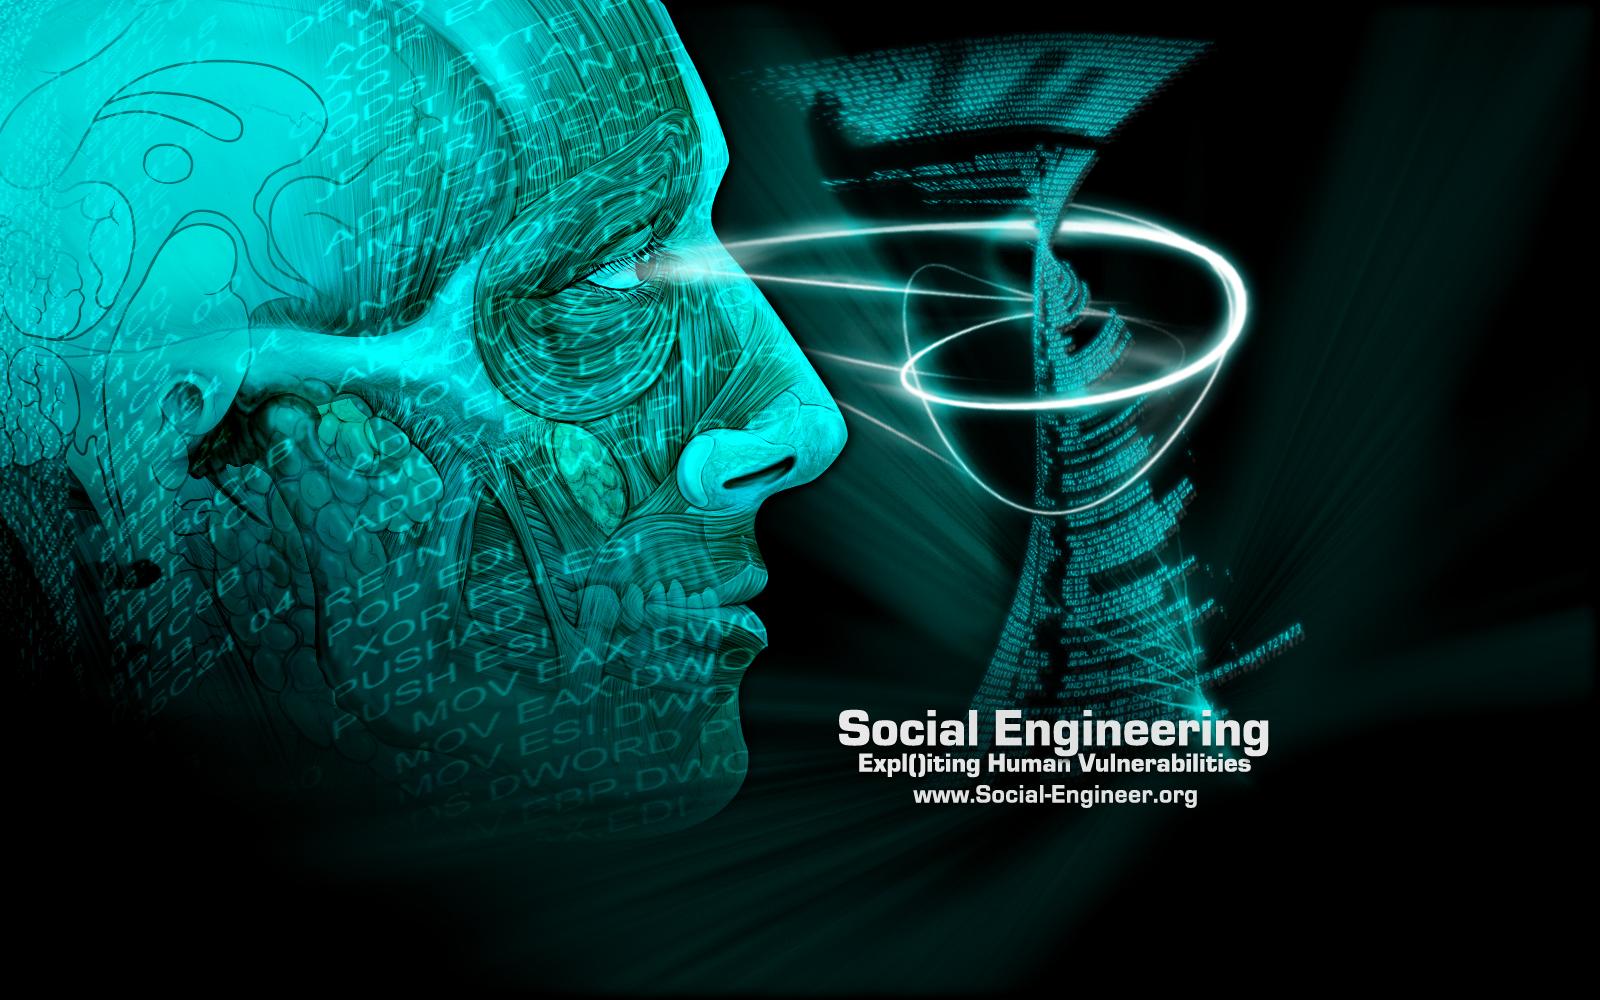 الهندسة الاجتماعية,  الاحتيال الالكتروني, social engineerning